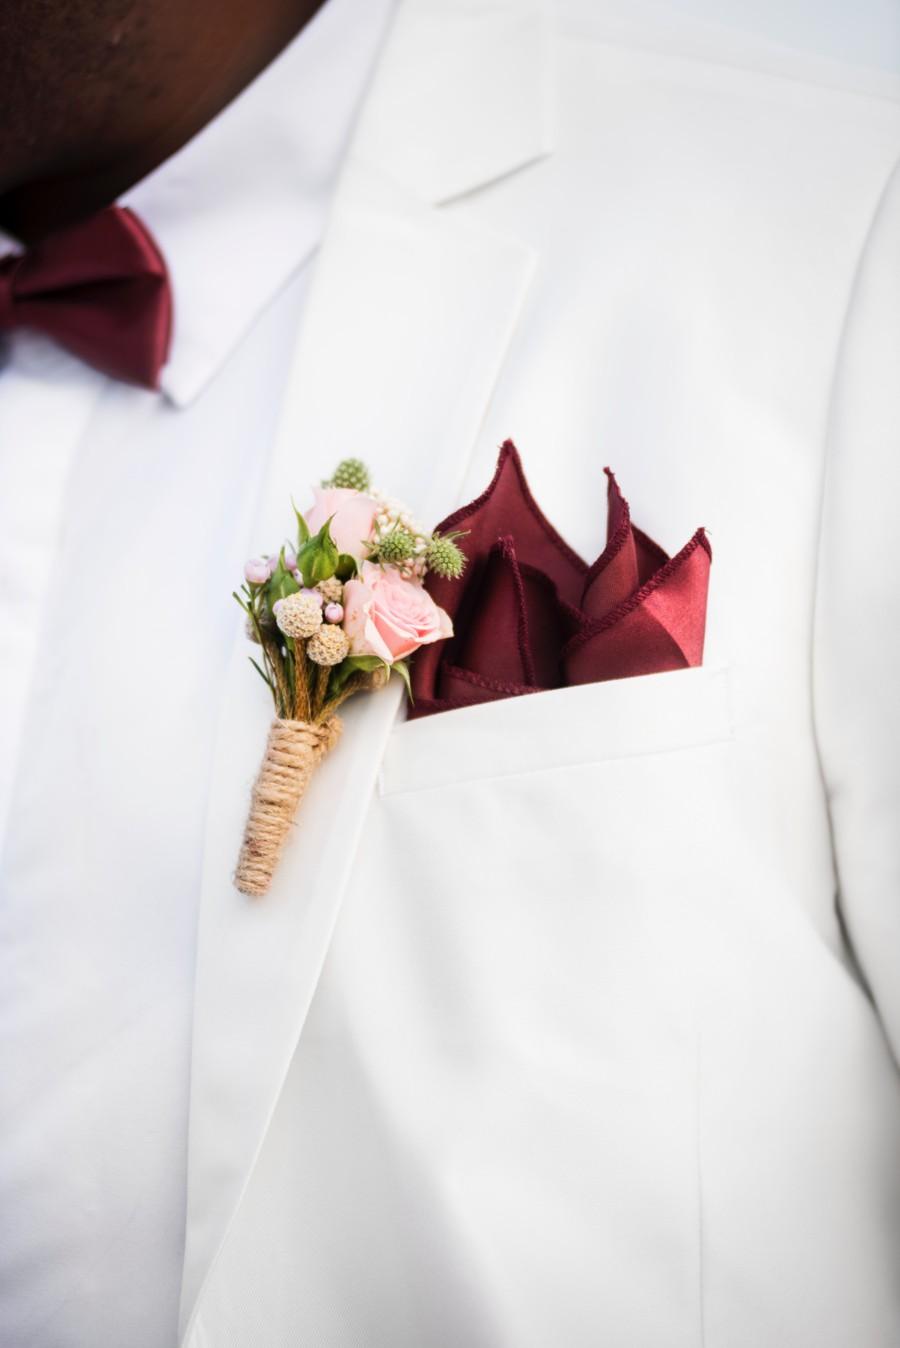 Korsáž a kapesníček doladí celkový look ženicha.